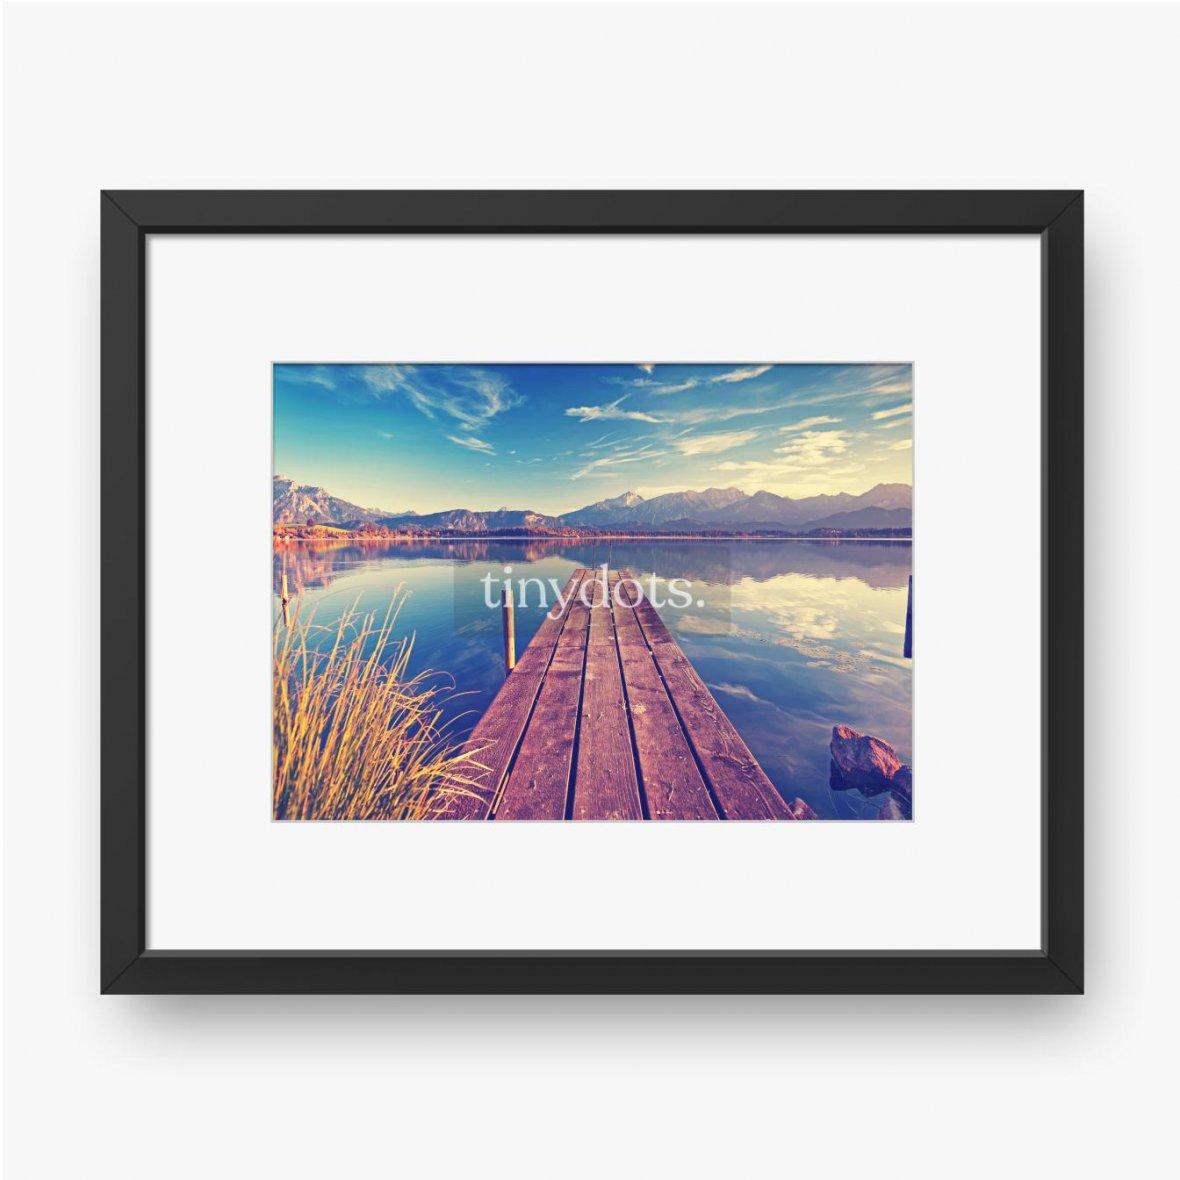 Gerahmte Poster Pier über den See vor dem Hintergrund der Berge